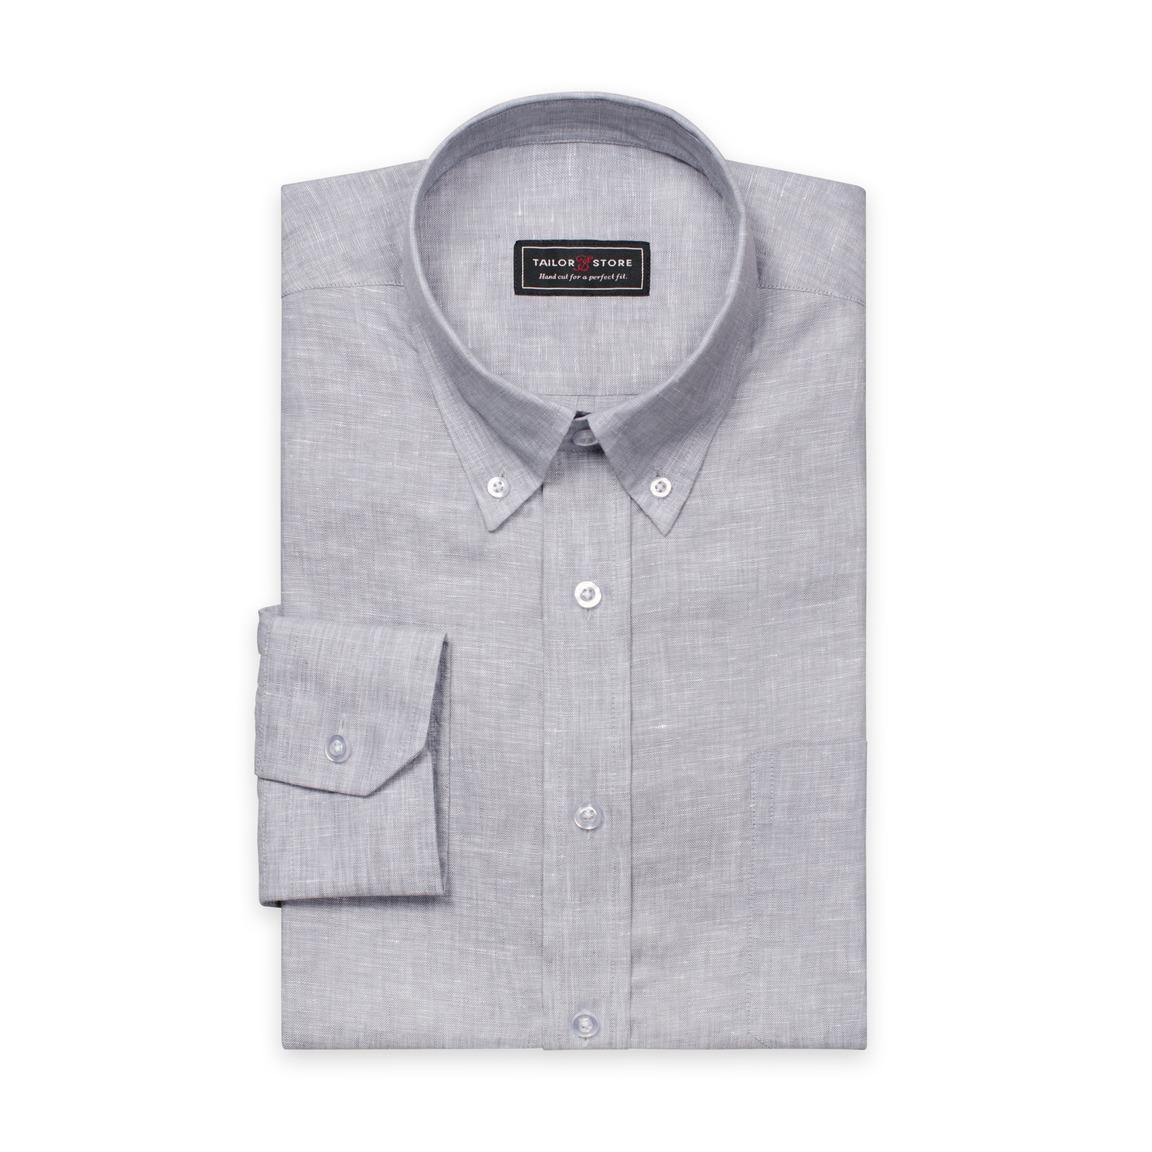 Ljusgrå linneskjorta